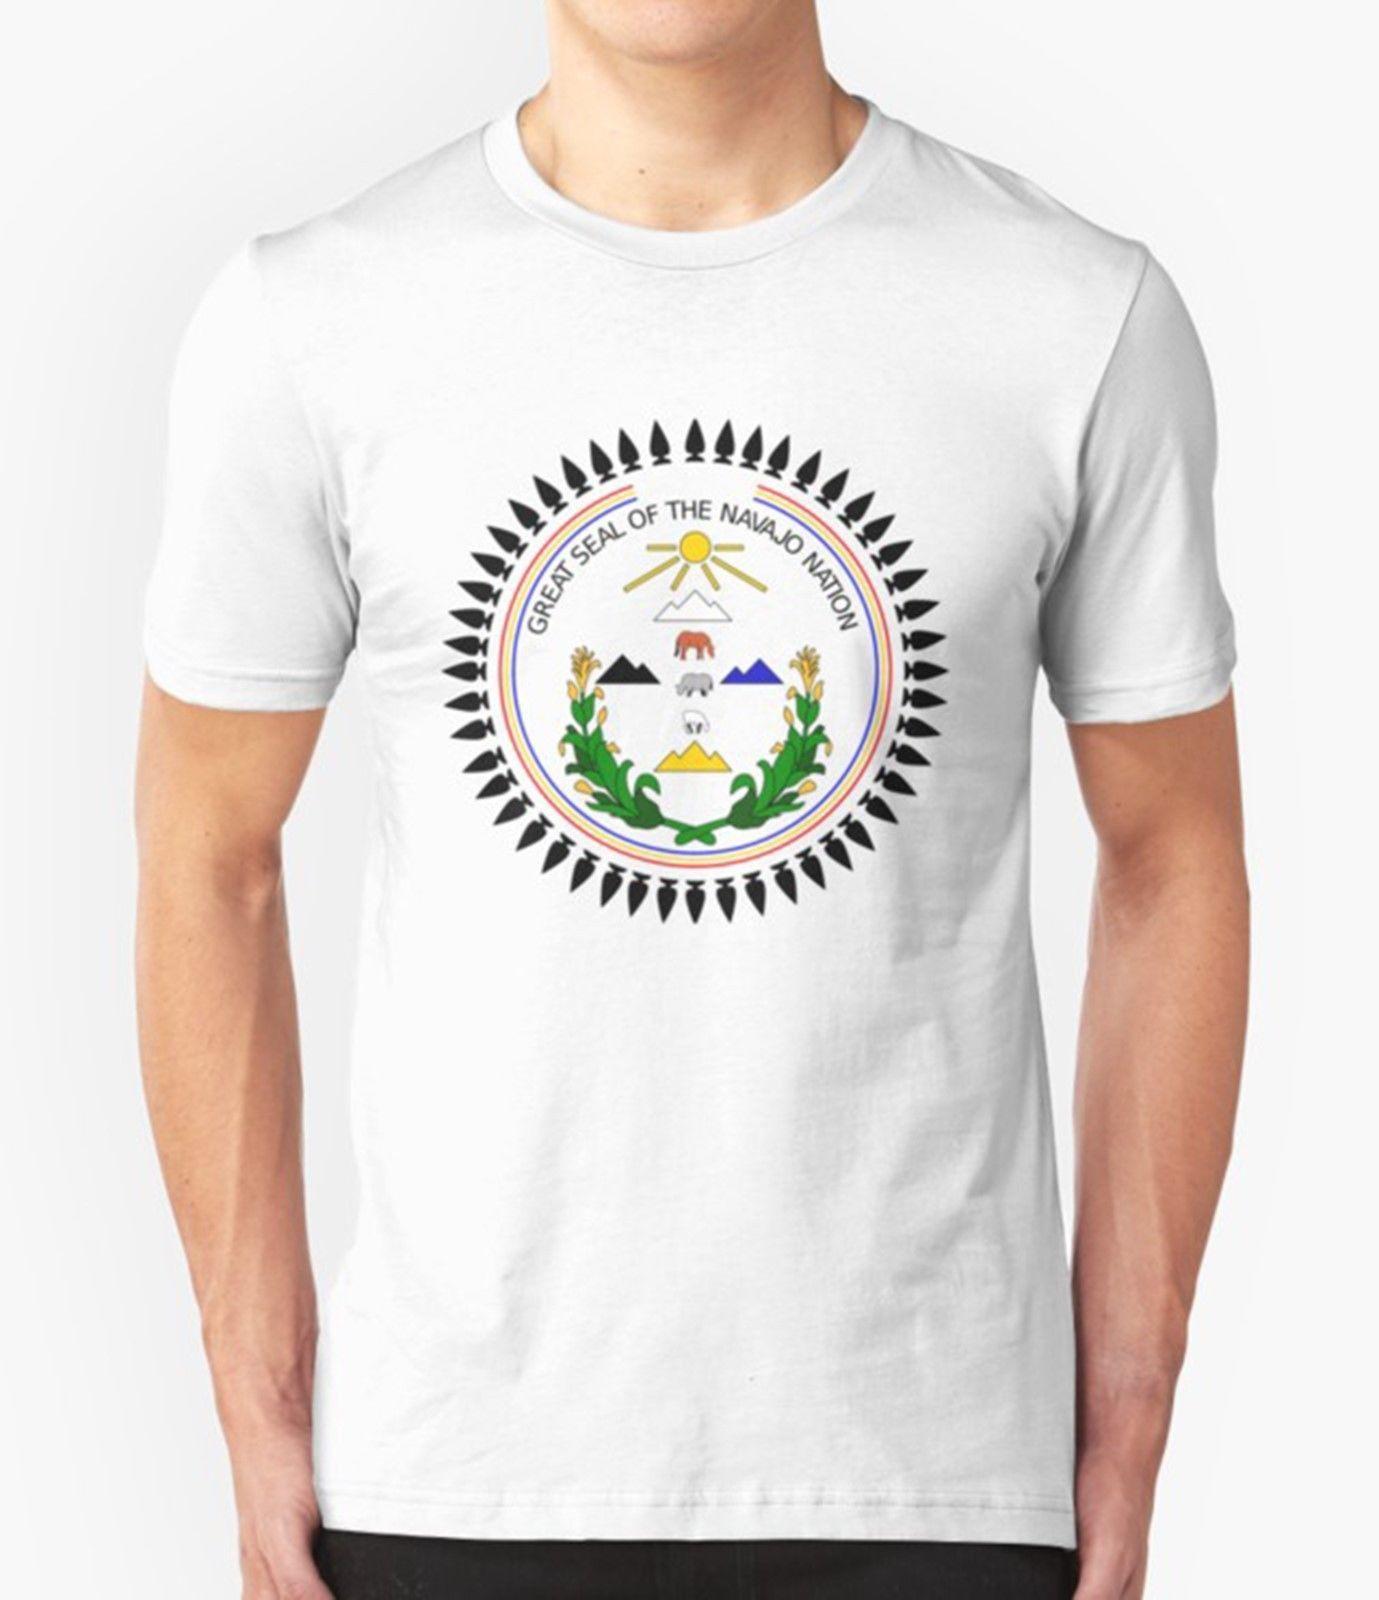 0433a1feb4d304 Großhandel NAVAJO NATION T SHIRT AMERIKANISCHER INDIANER BEWEGUNG ...